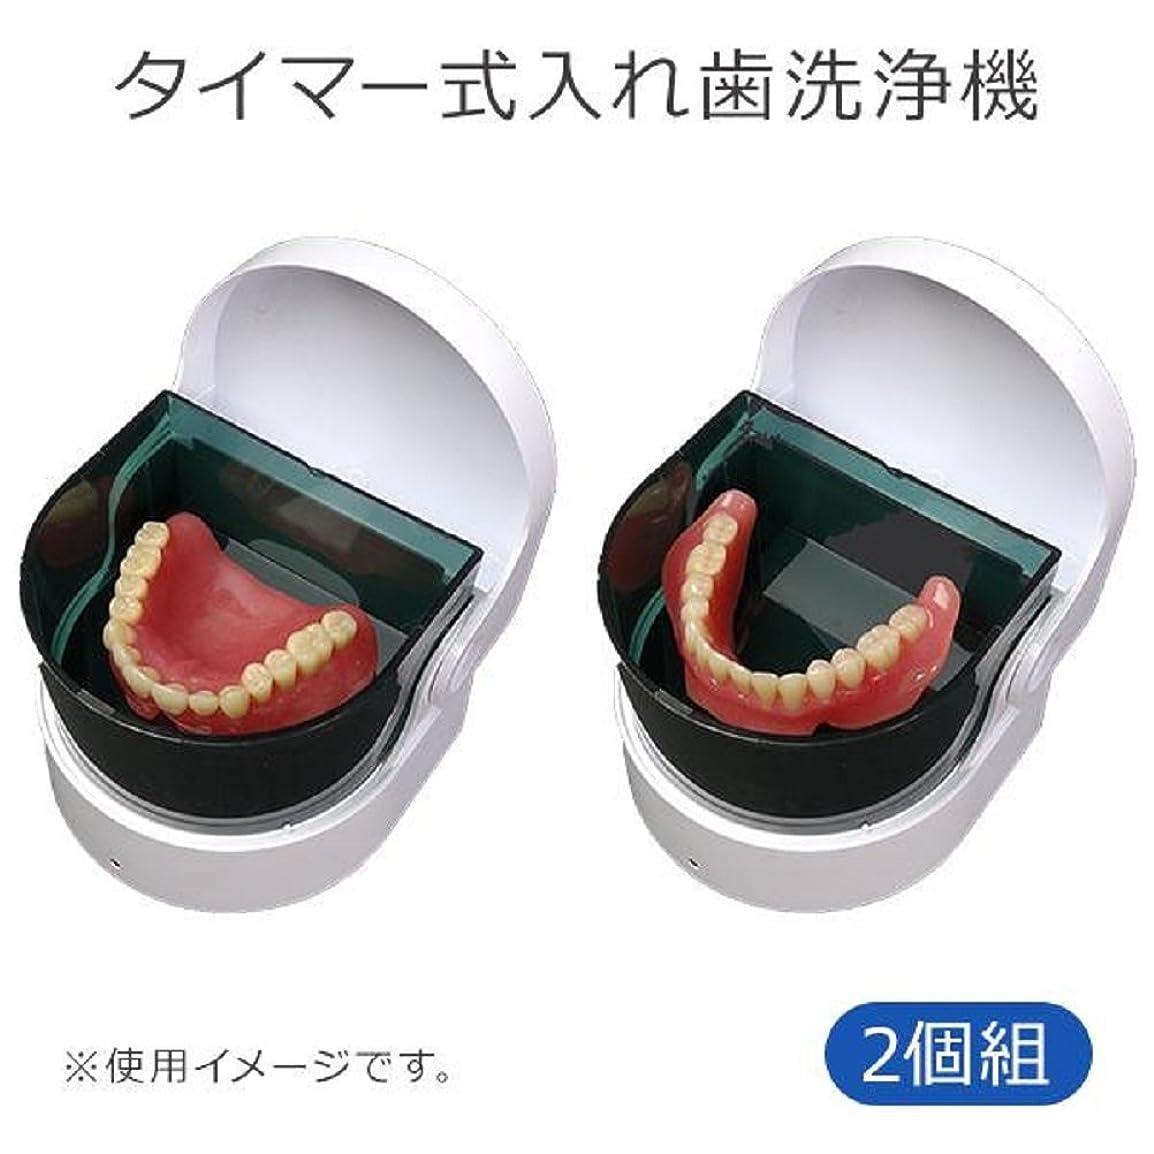 気難しいランデブー熱望するタイマー式入れ歯洗浄機 2個組 K12327